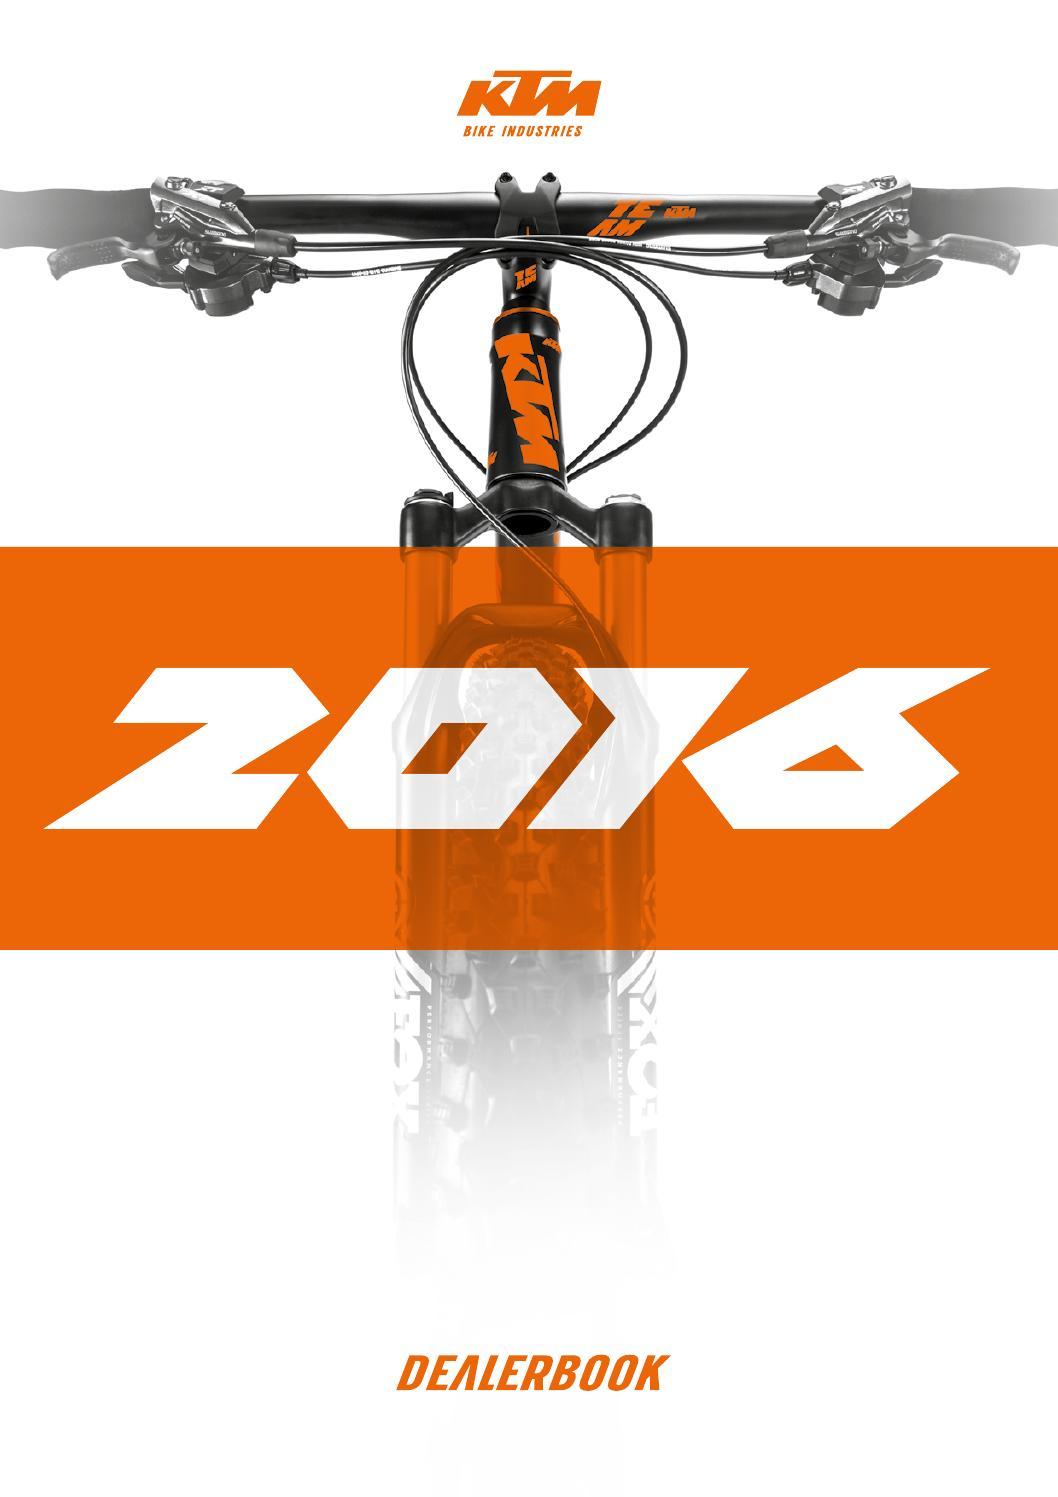 KTM Dealerbook 2016 by KTM Bike Industries - issuu